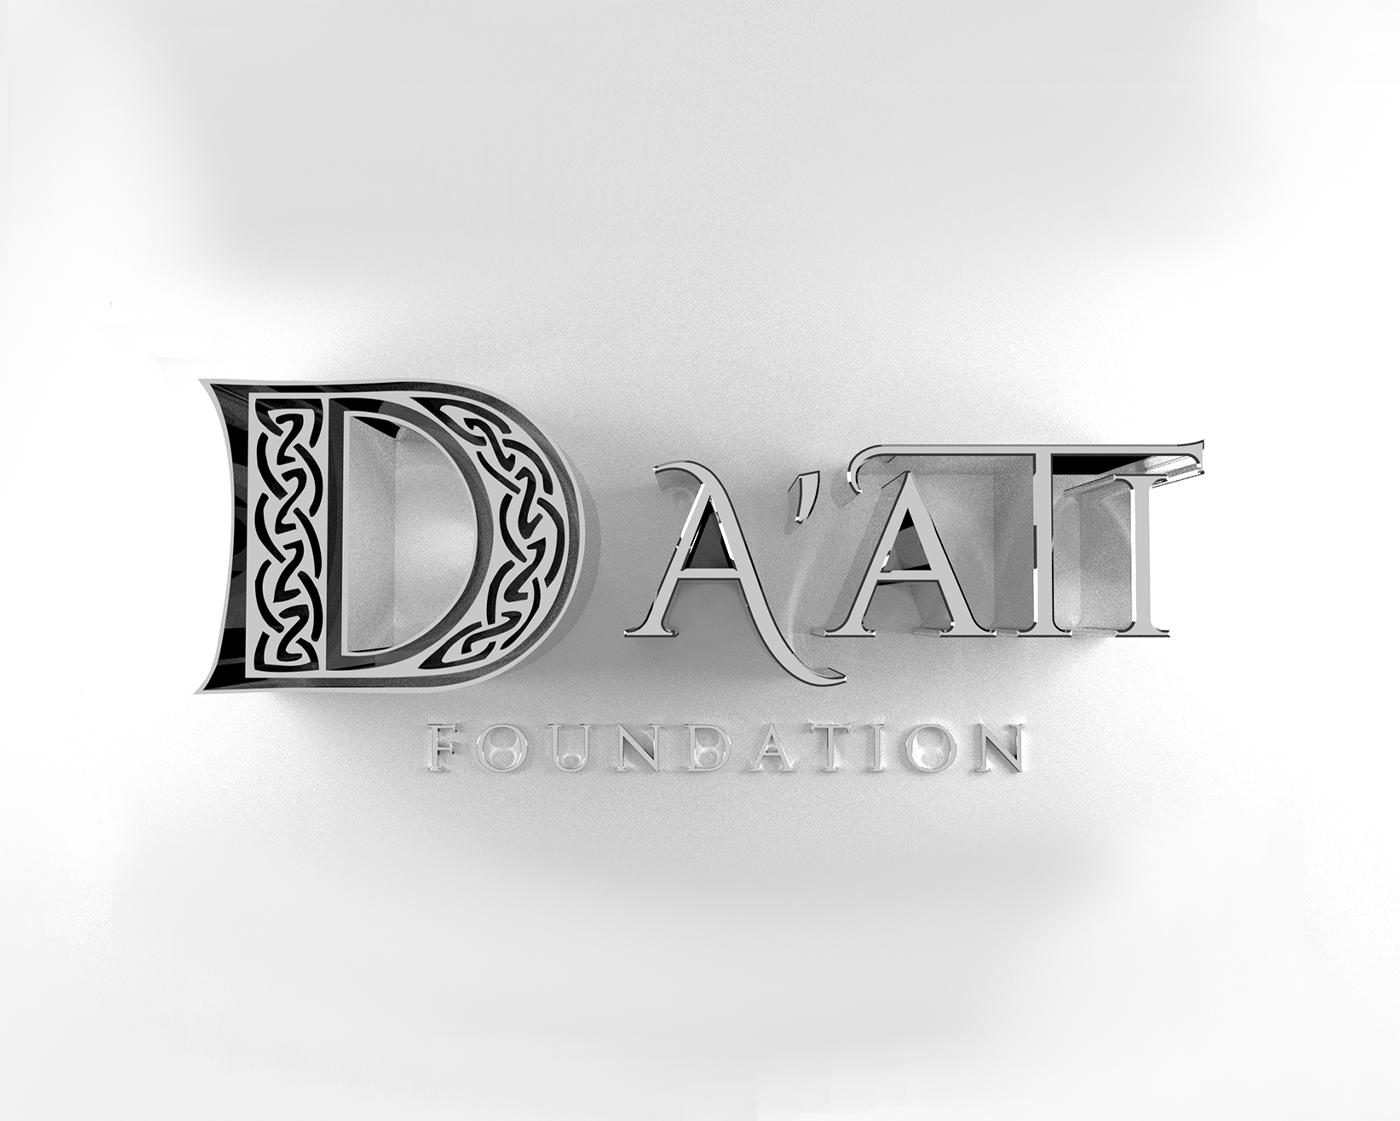 Da'Ati – Branding